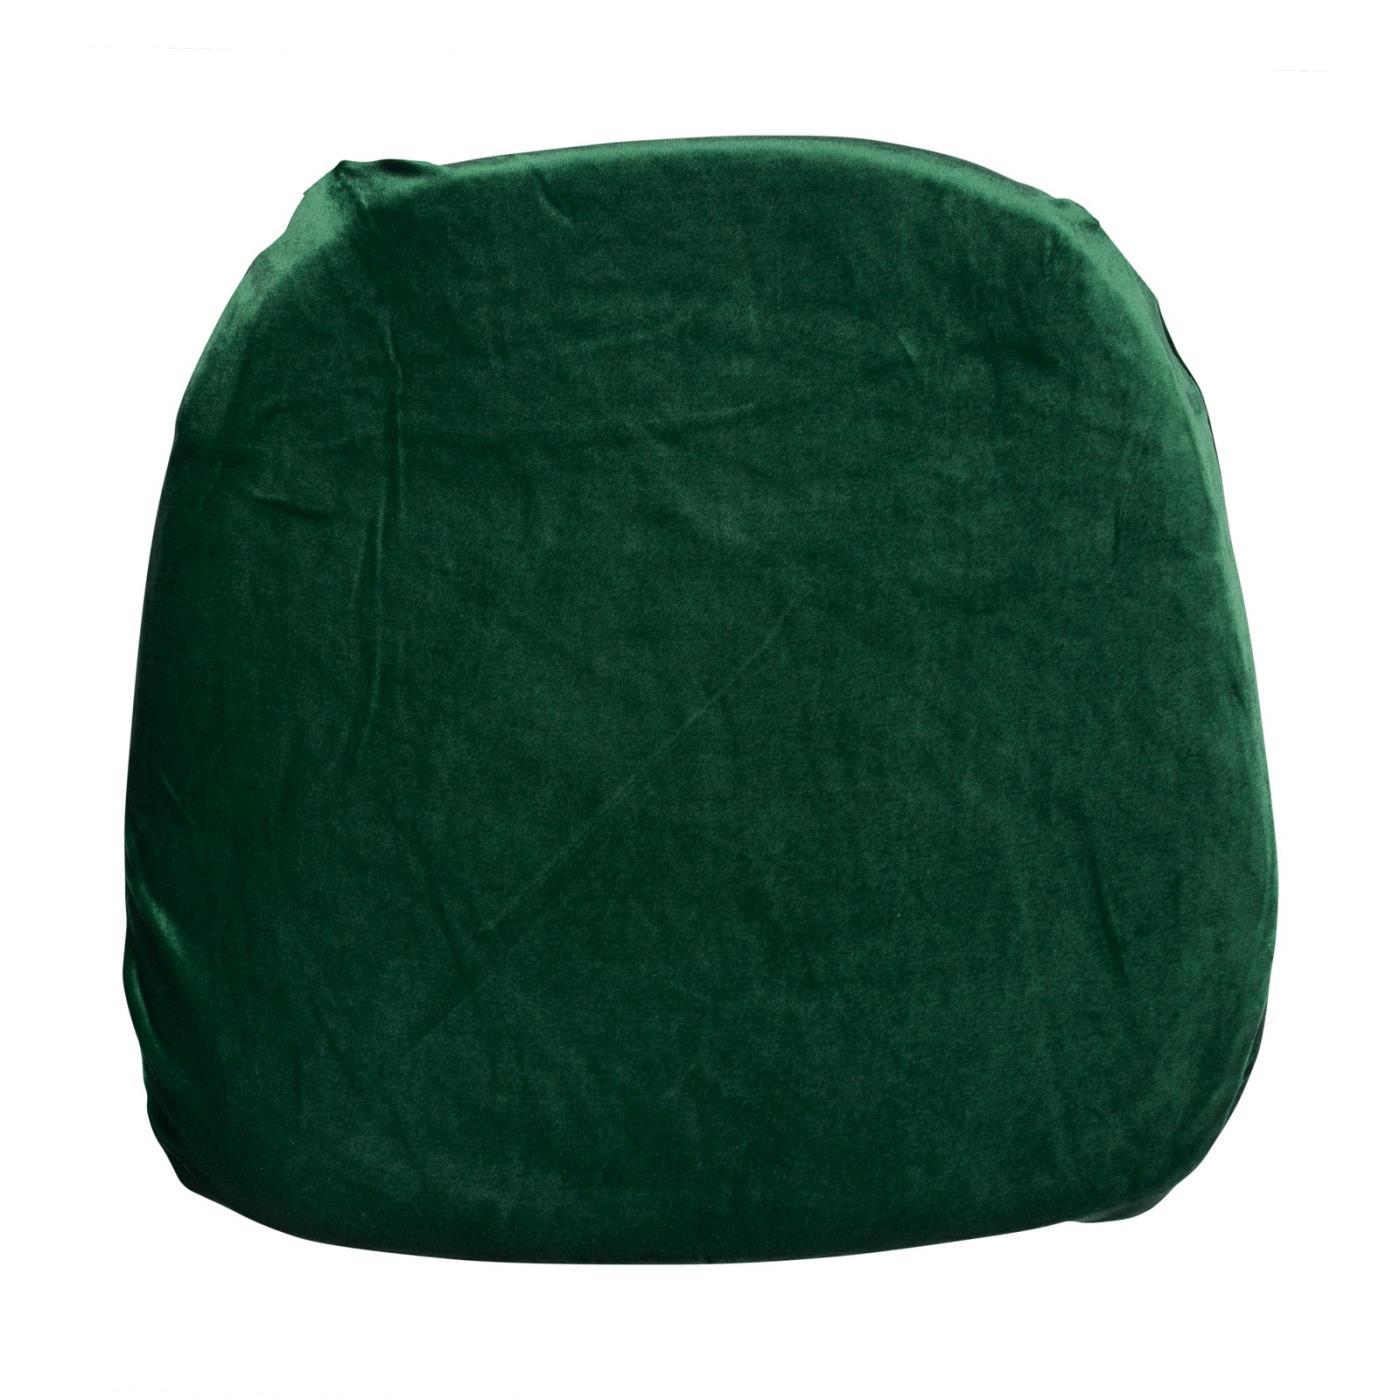 Velvet Seat Cushion - Hunter